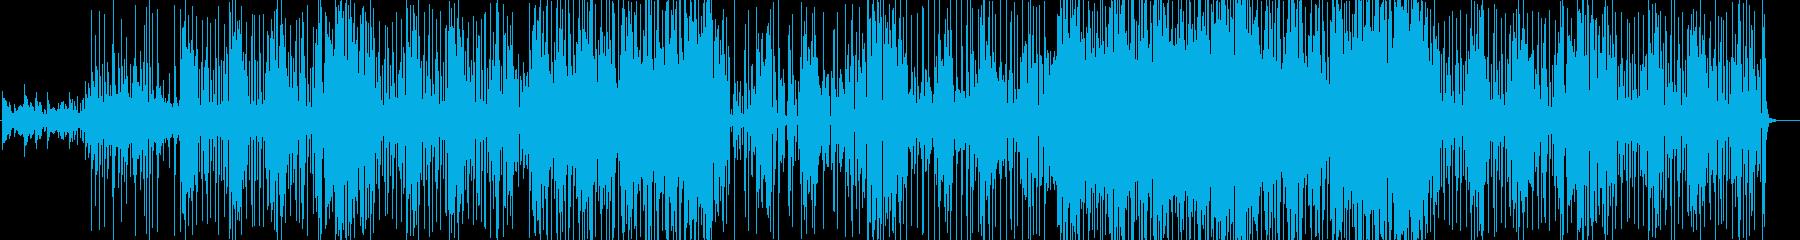 トランペット/エレキギター/フュージョンの再生済みの波形